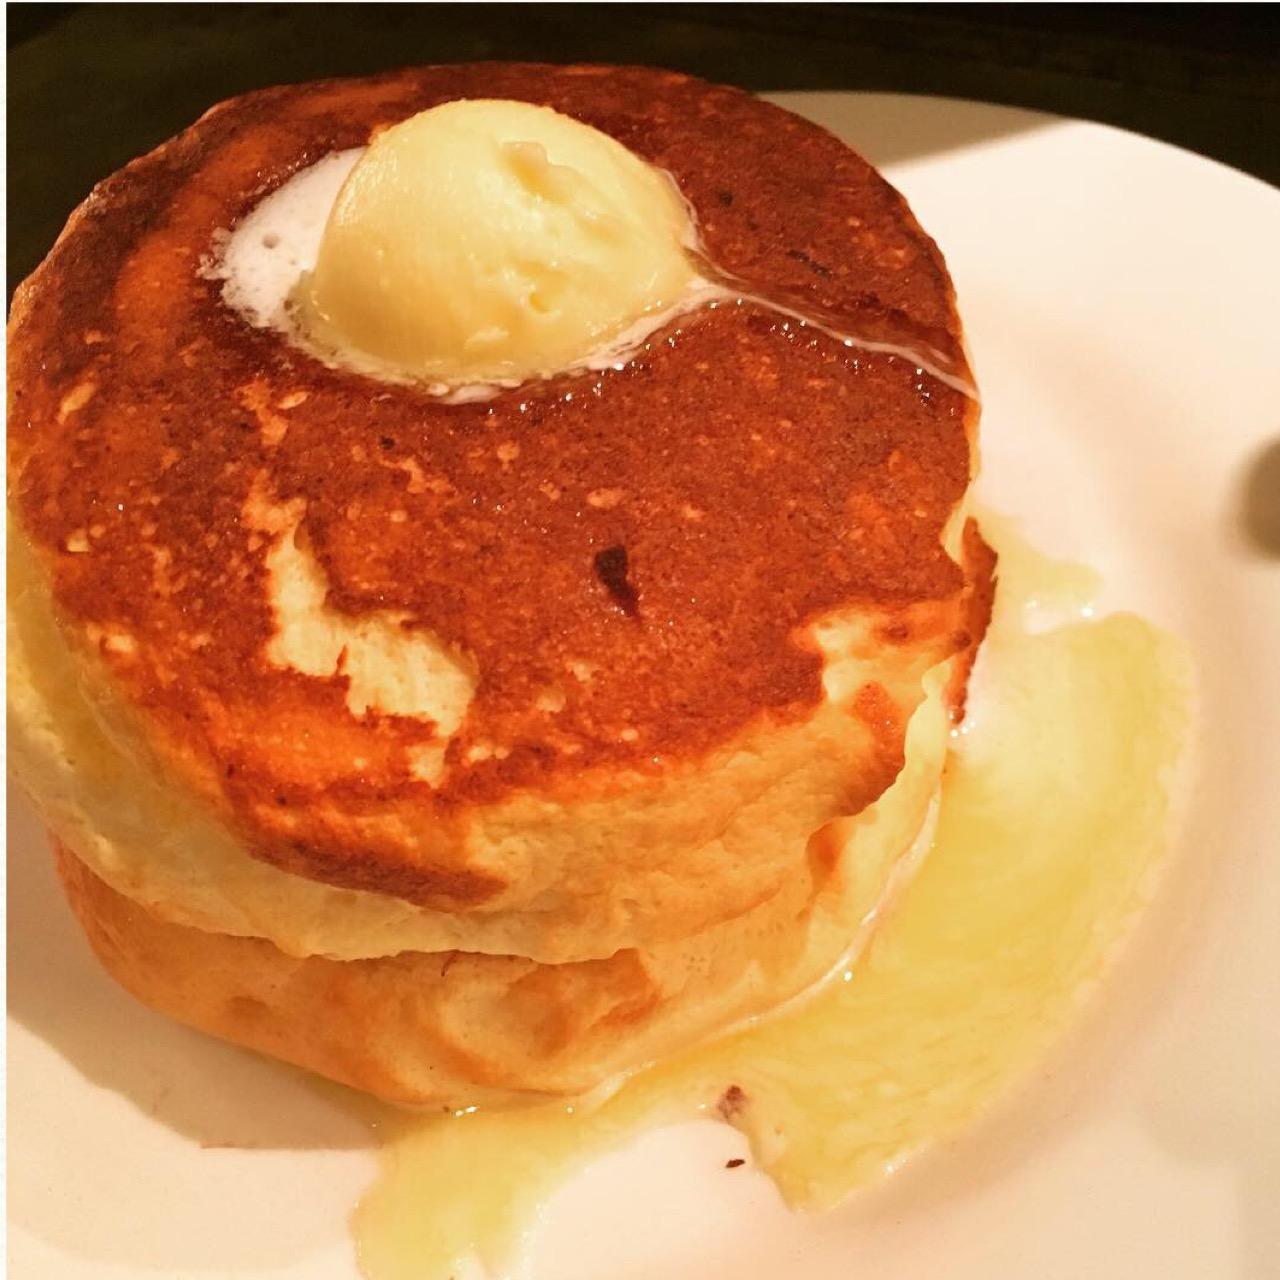 シンプルだからこそおいしい!6th by ORIENTAL HOTELのパンケーキがオススメすぎる♡_1